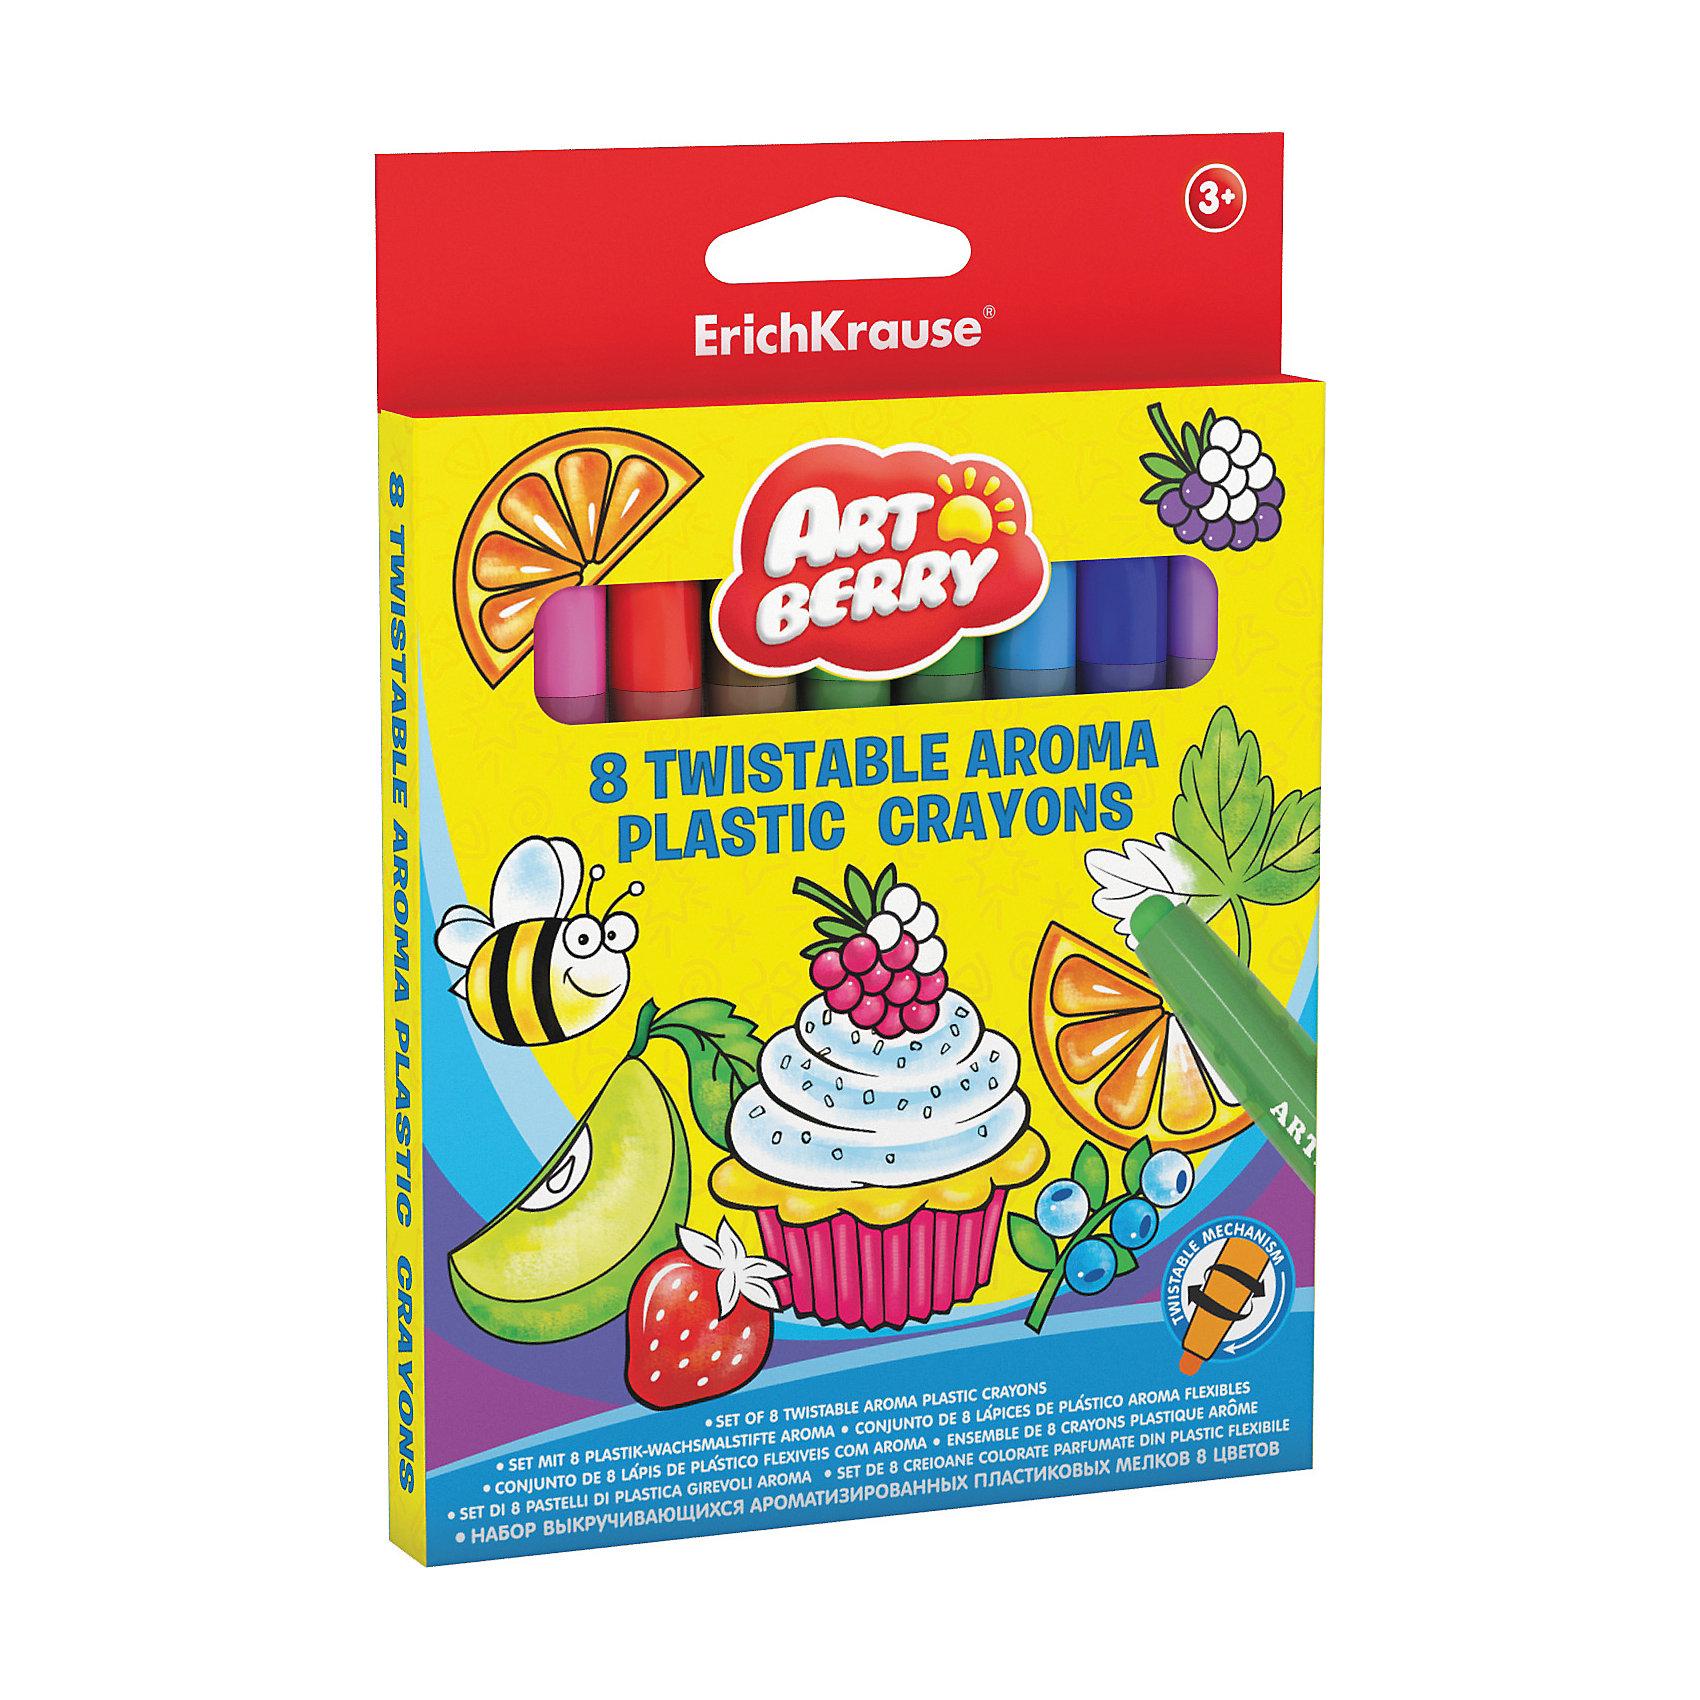 Пластиковые мелки ArtBerry twist Aroma, 12 цветовМасляные и восковые мелки<br>Характеристики товара:<br><br>• материал упаковки: пластик <br>• пластиковый корпус с выкручивающимся механизмом<br>• длина: 12 см<br>• ароматизированные<br>• возраст: от 3 лет<br>• вес: 104 г<br>• габариты упаковки: 13,8х16х1,5 см<br>• страна производитель: Китай<br><br>Ароматизированные мелки – улучшенная версия обычных мелков в пластиковой упаковке. Основная часть мелка выдвигается по мере израсходования рабочей части. Удобная треугольная форма карандаша уверенно сидит в маленькой детской ручке.<br><br>Пластиковые мелки ArtBerry twist Aroma, 12 цветов можно купить в нашем интернет-магазине.<br><br>Ширина мм: 138<br>Глубина мм: 160<br>Высота мм: 15<br>Вес г: 104<br>Возраст от месяцев: 36<br>Возраст до месяцев: 2147483647<br>Пол: Унисекс<br>Возраст: Детский<br>SKU: 5409247